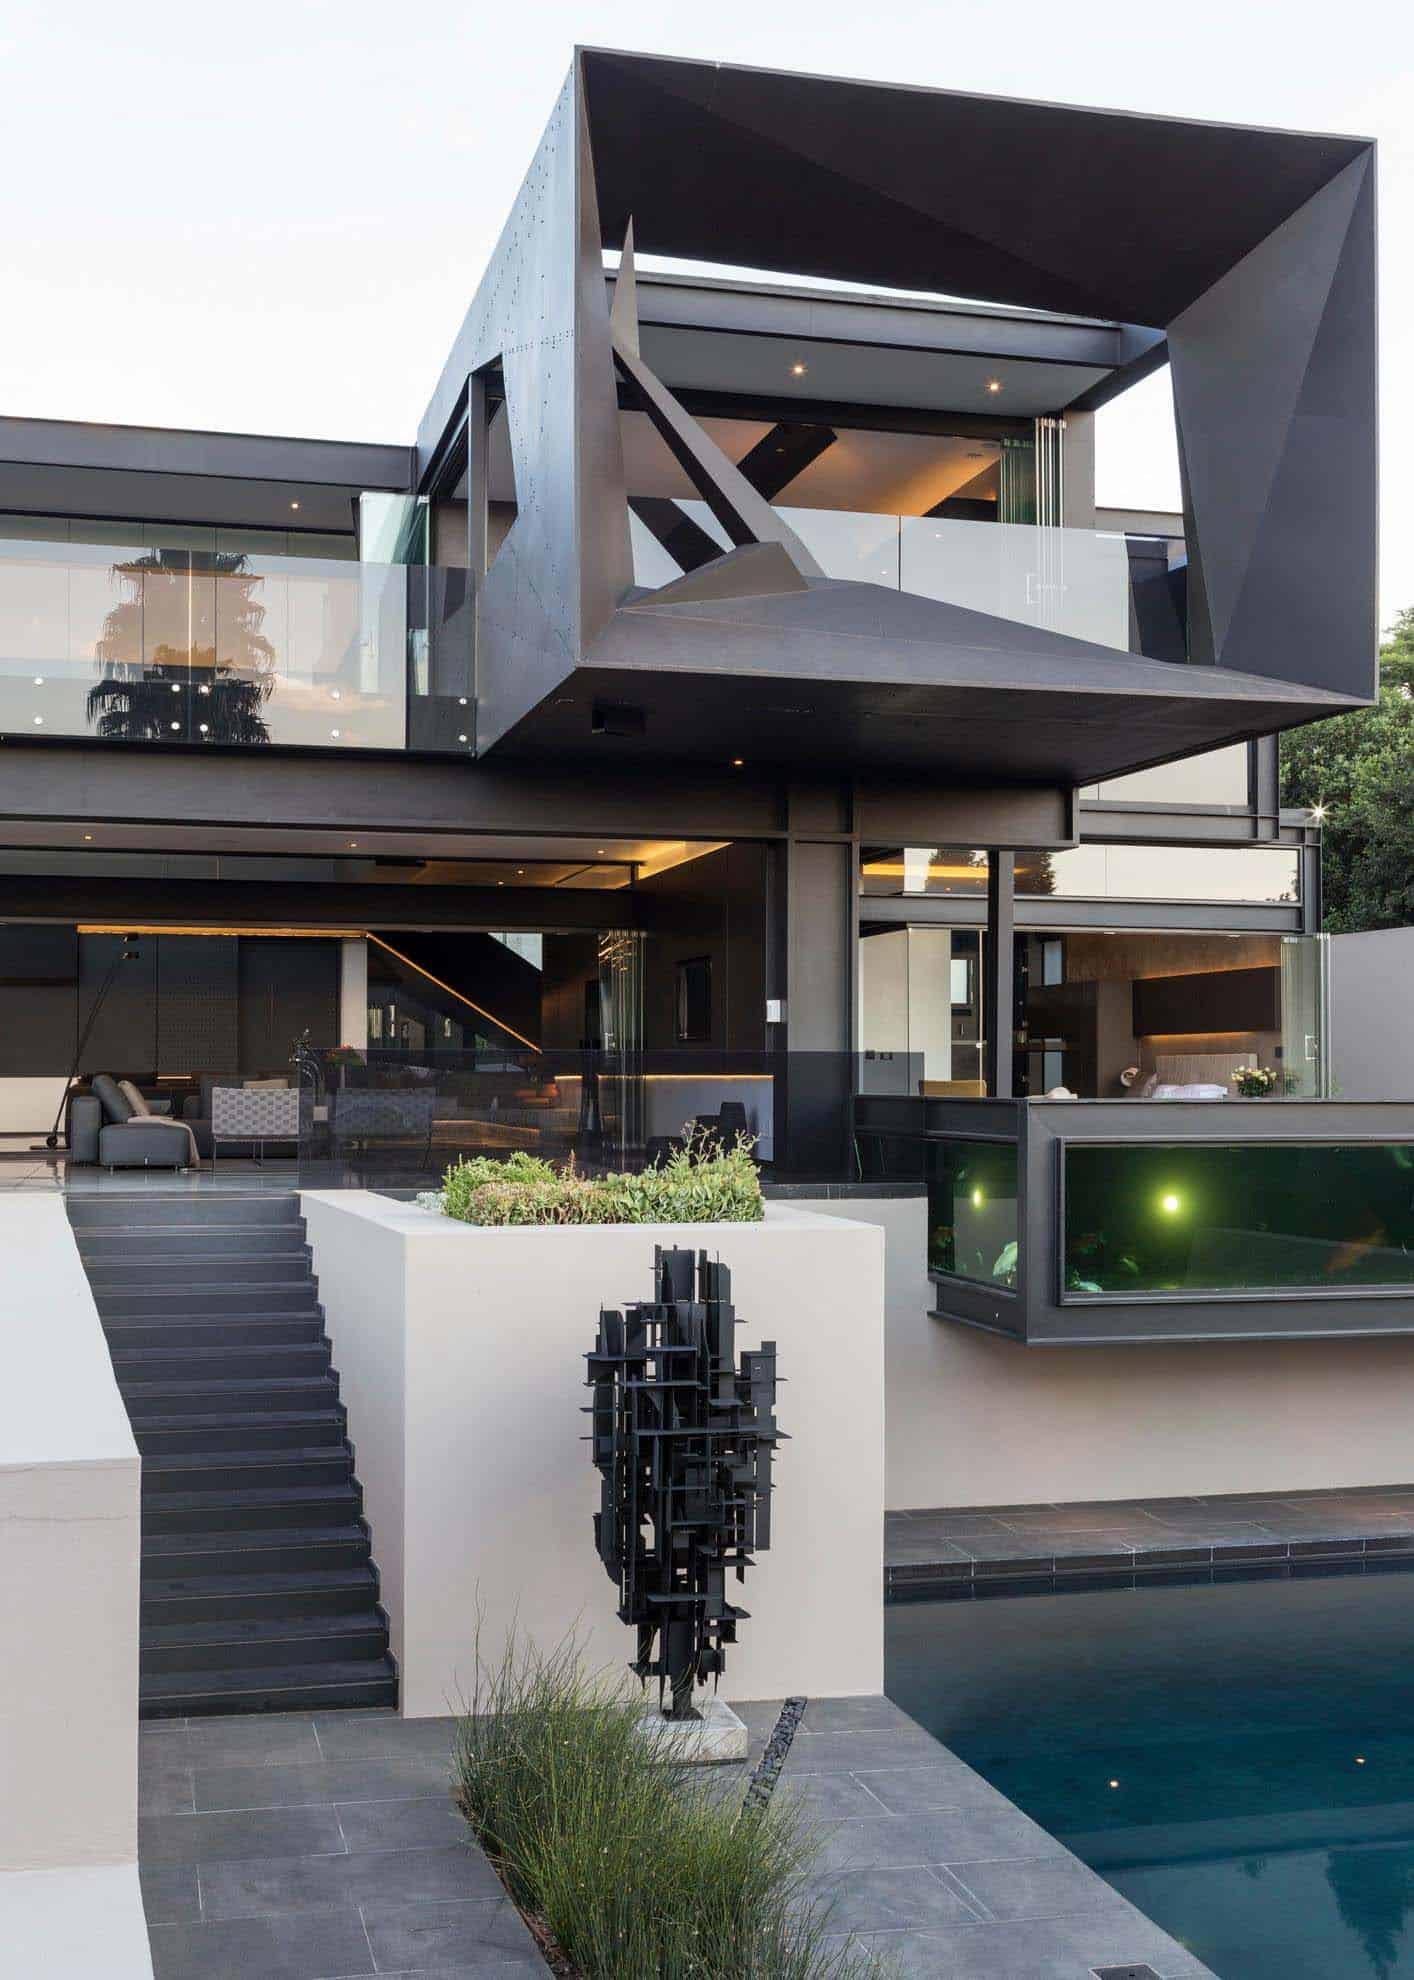 Imposing Modern Residence-Werner van der Meulen-03-1 Kindesign